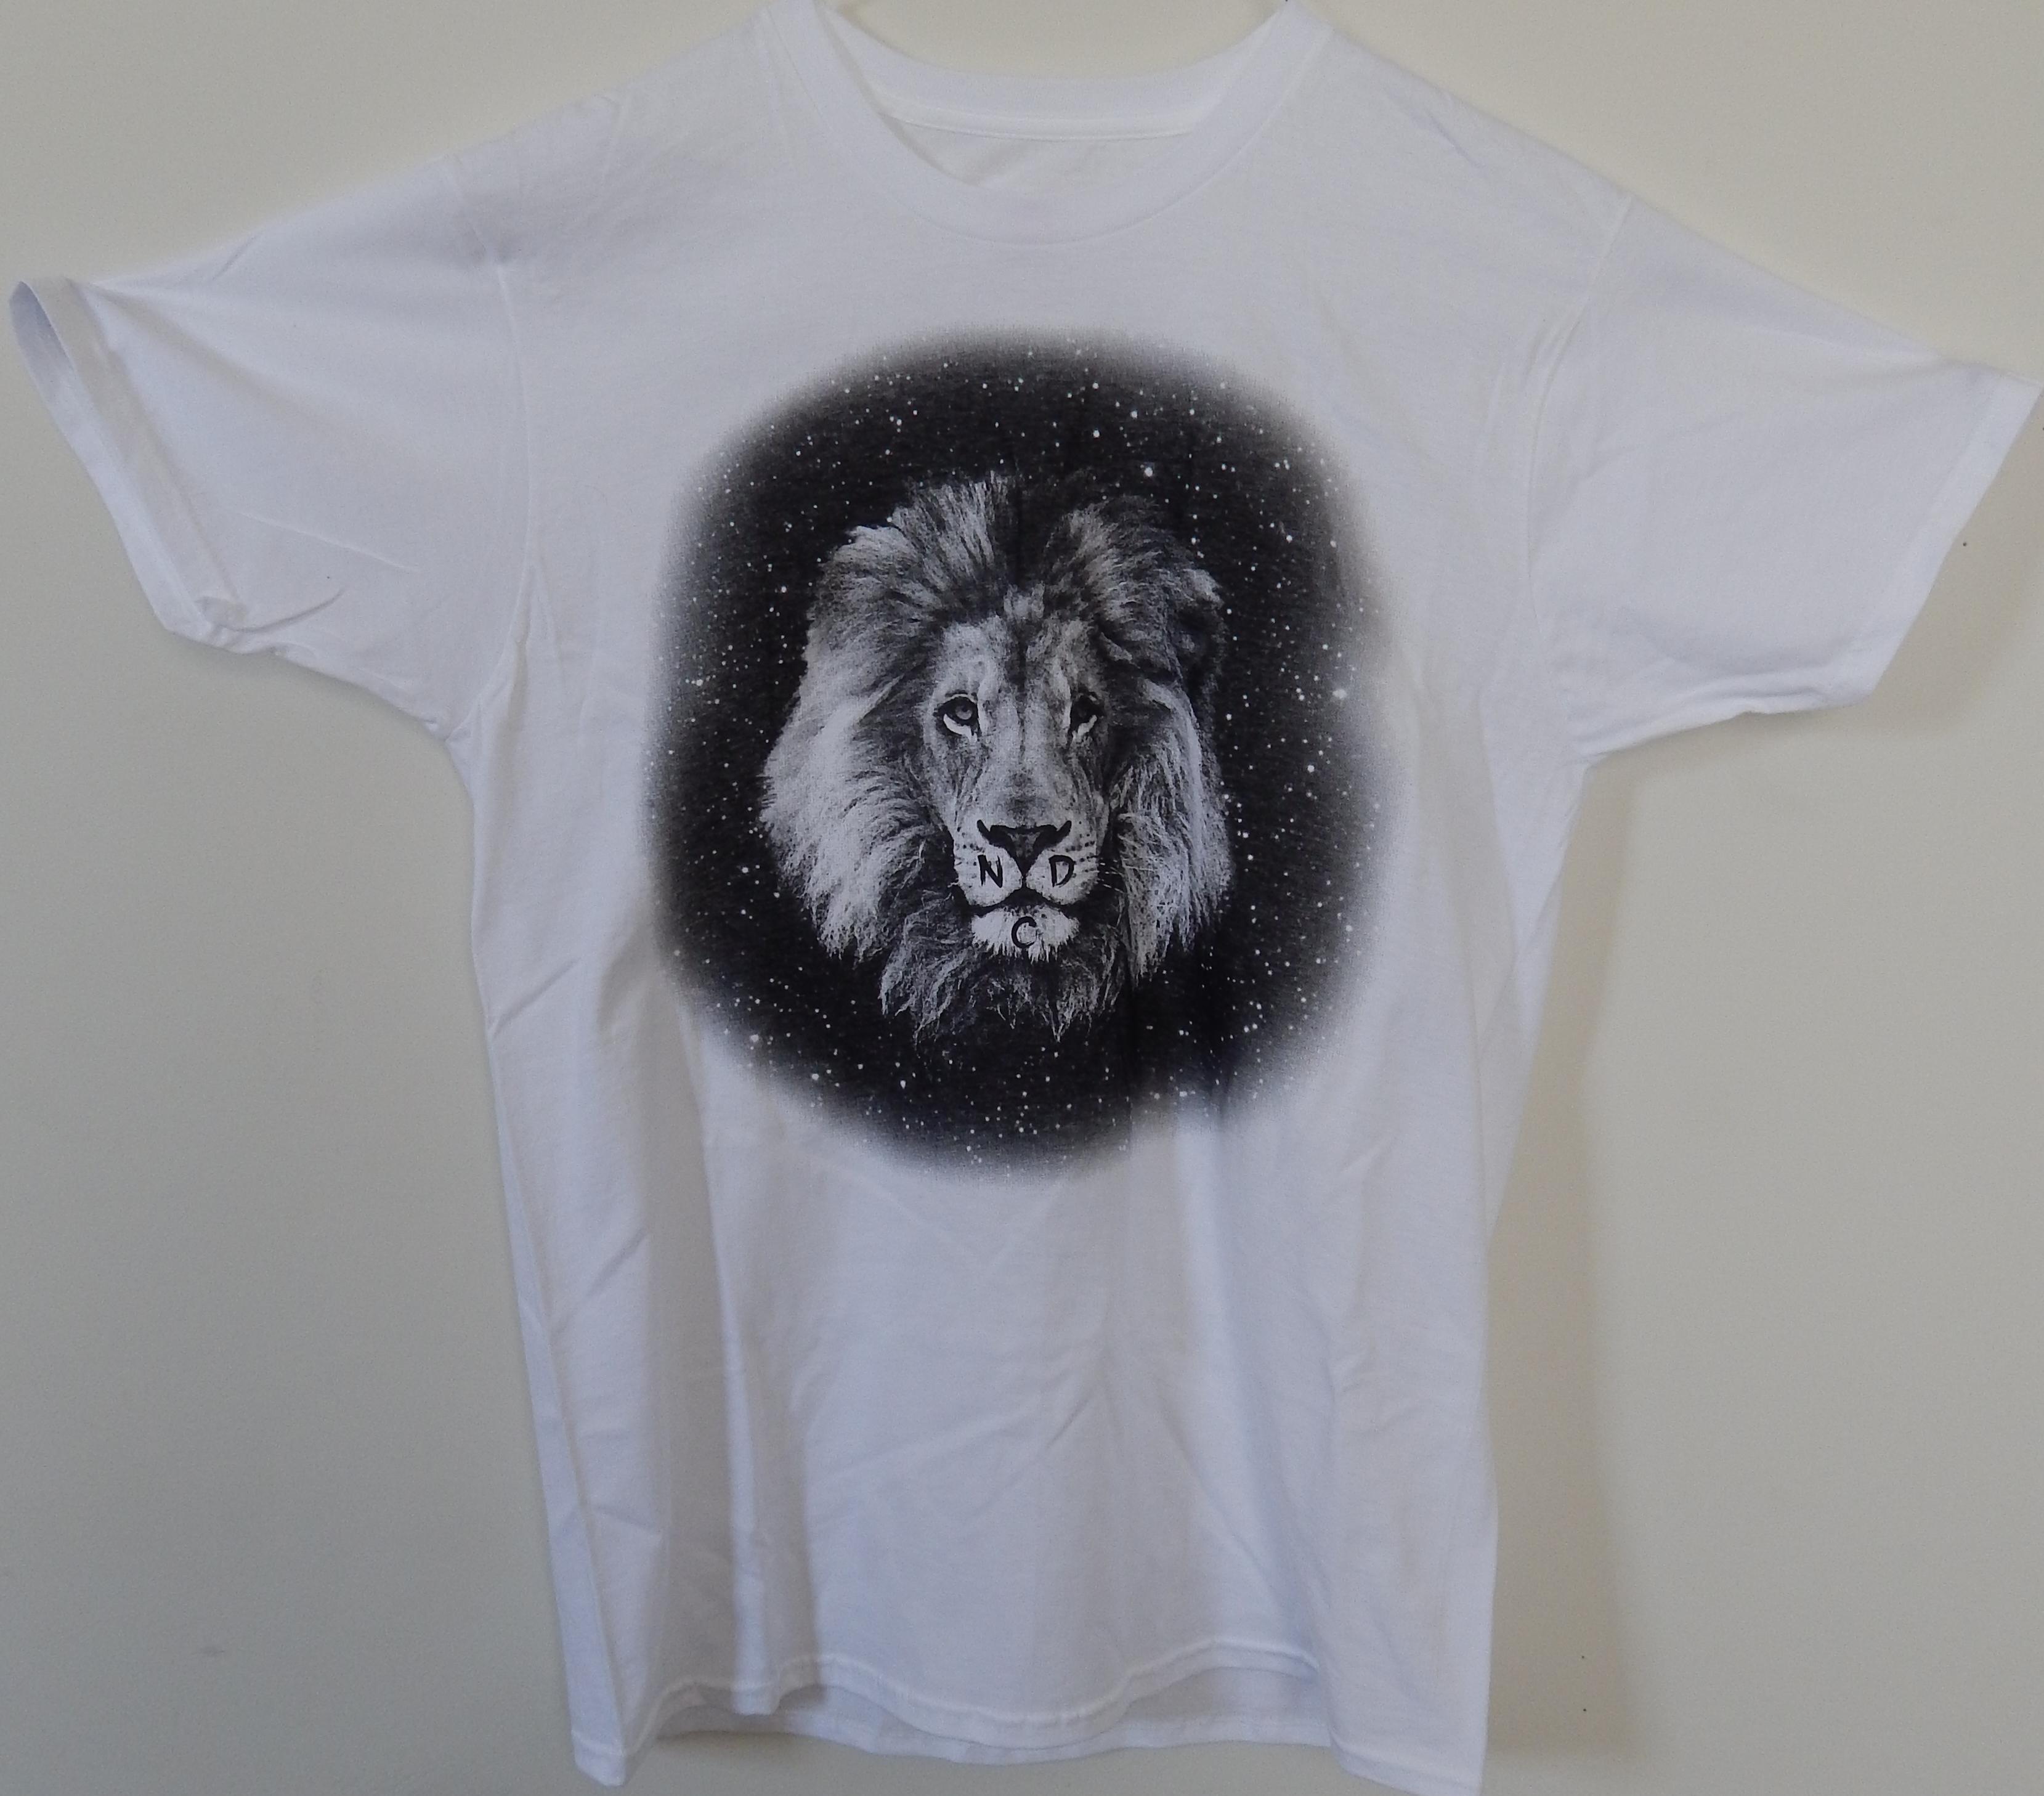 White - OG Lion / New Domain Clothing